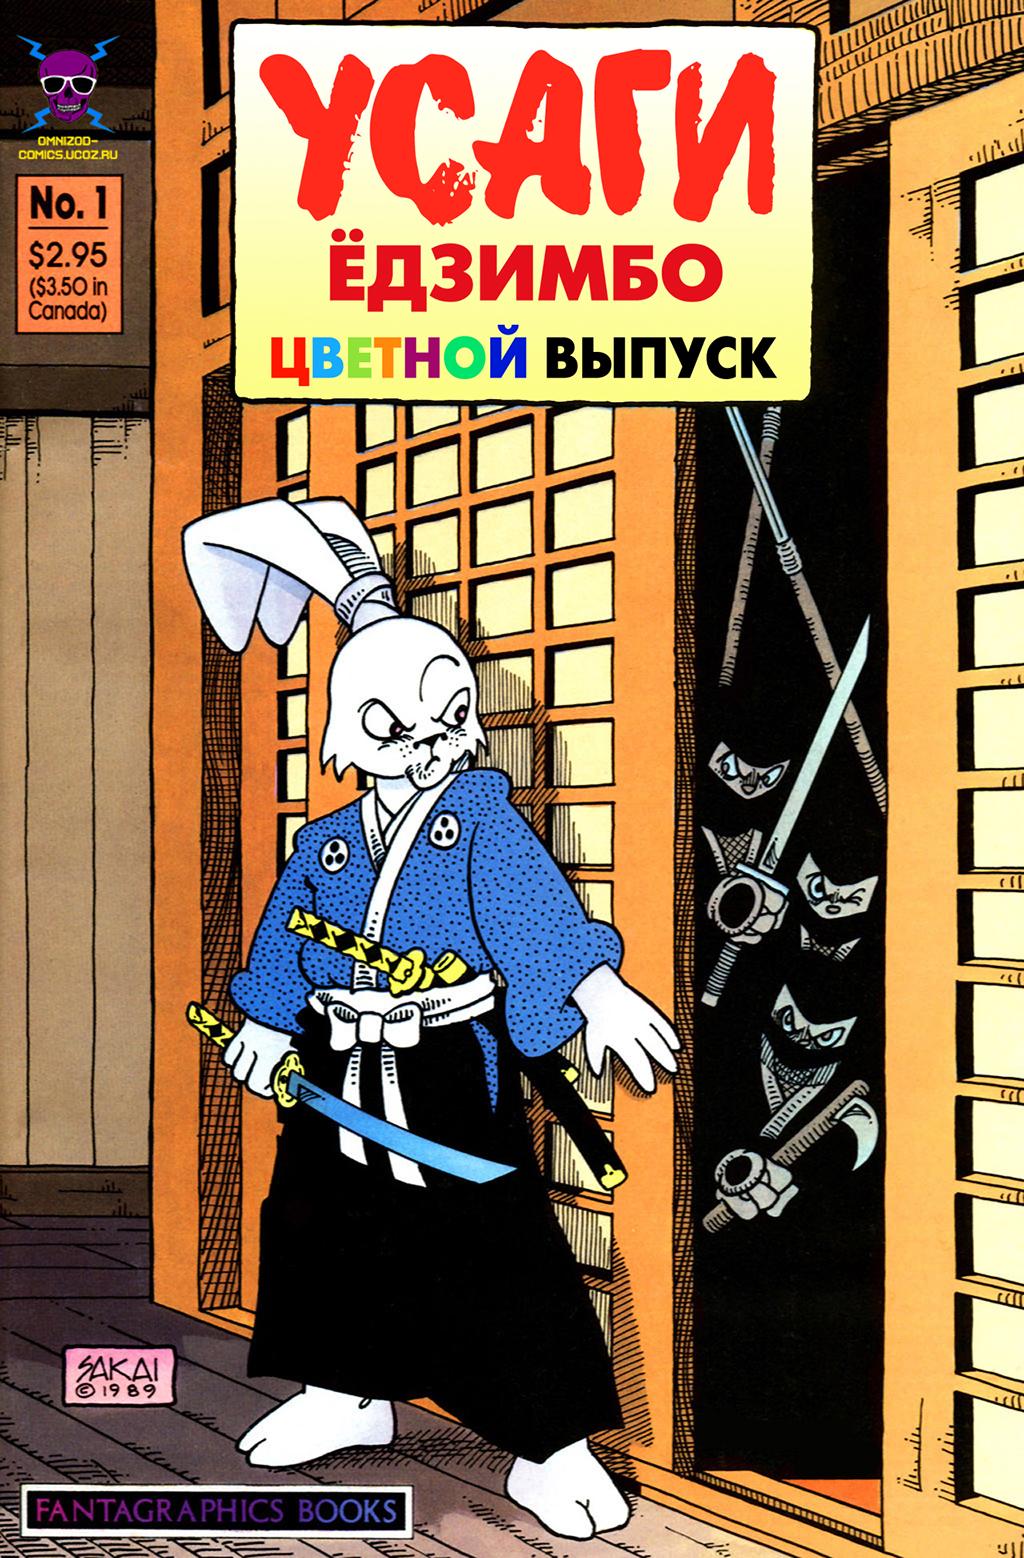 Комикс Усаги Ёдзимбо Цветные Спецвыпуски